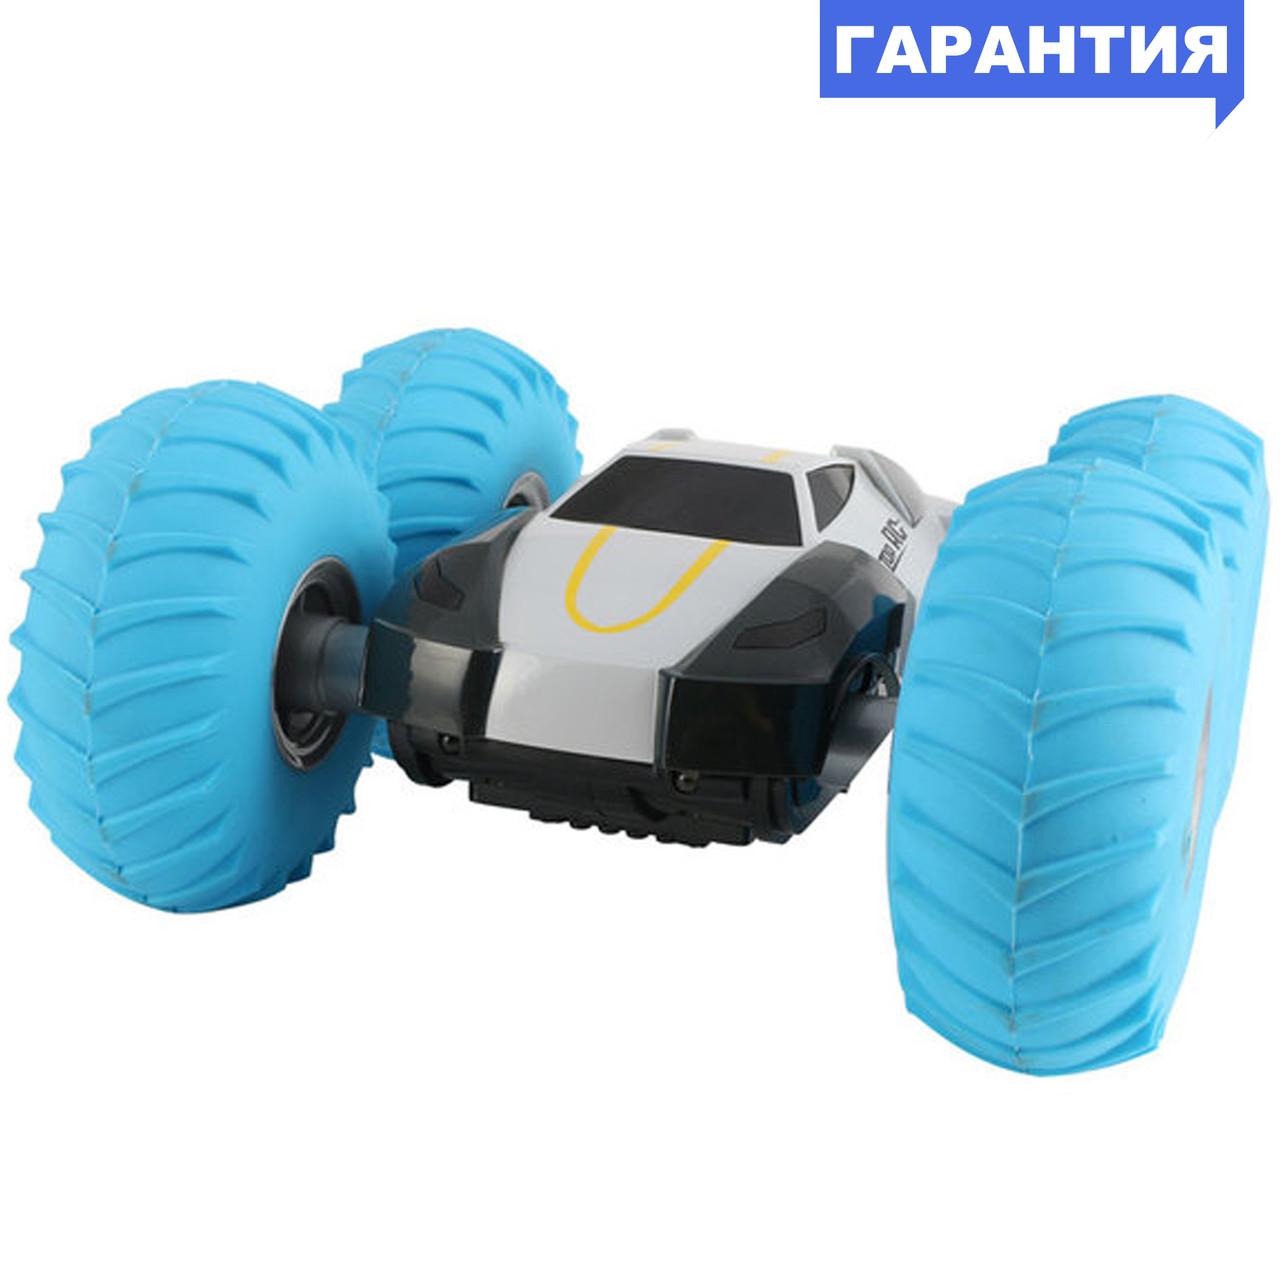 Перевёртыш на р/у YinRun Speed Cyclone с надувными колесами (на бат., серый)